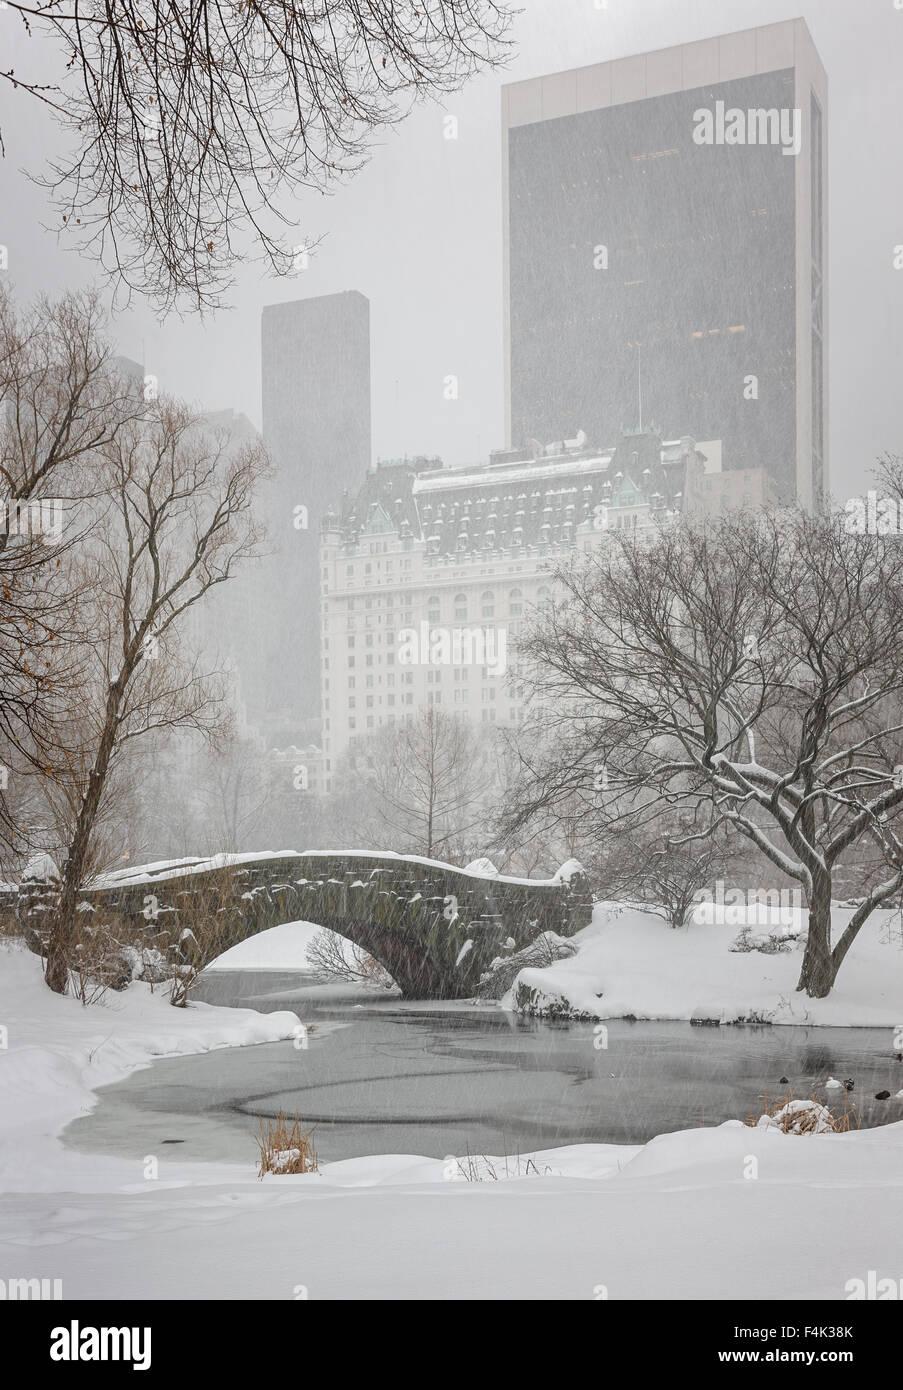 Nevicata su Central Park's Gapstow Bridge e lo stagno . Tranquilla scena invernale, con vista su Manhattan grattacieli Immagini Stock